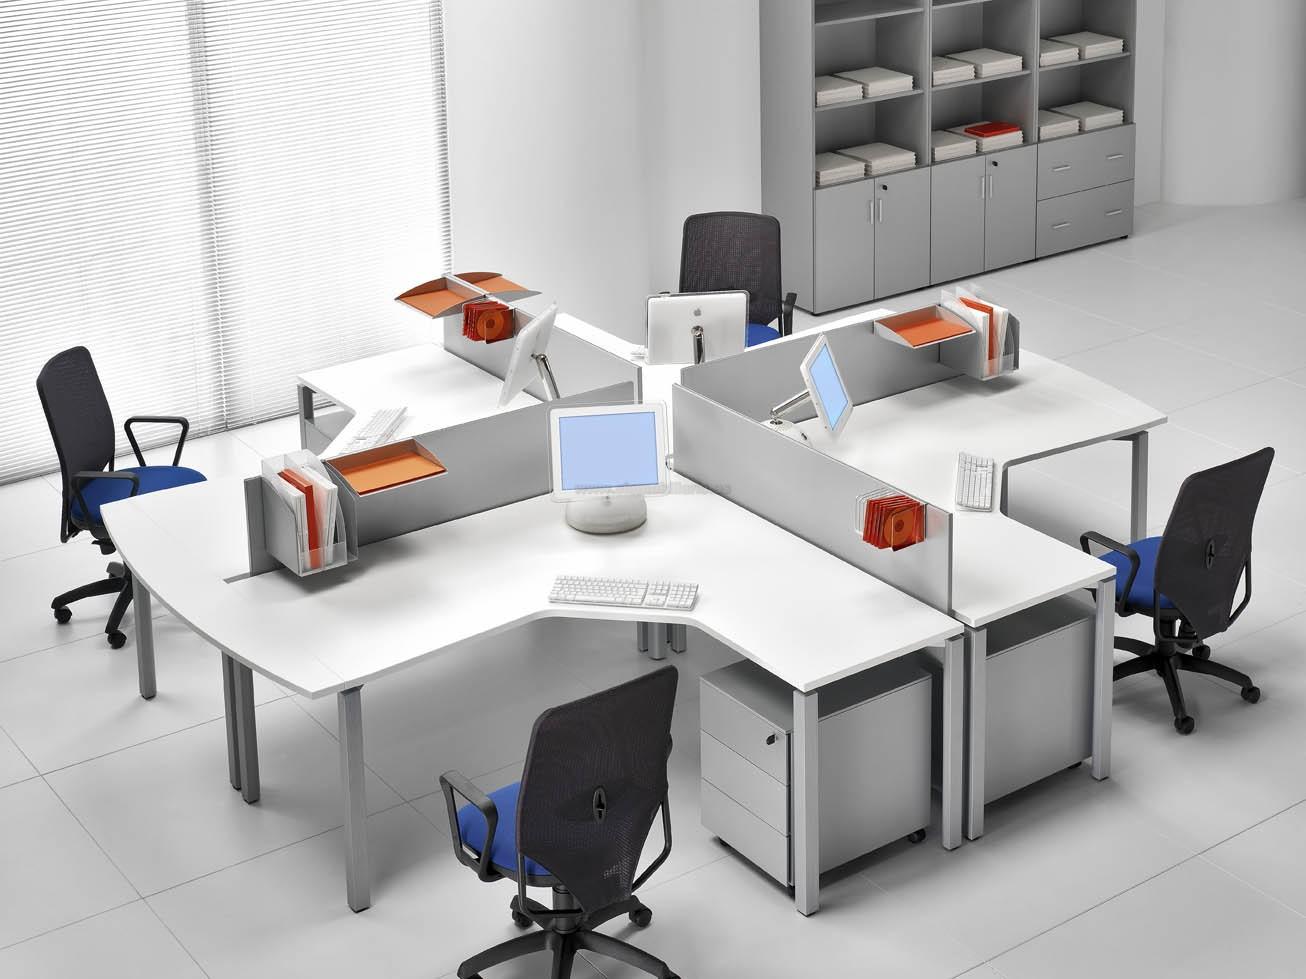 Organizacion impacto internacional organizaci n impacto for Disenos de escritorios para oficina